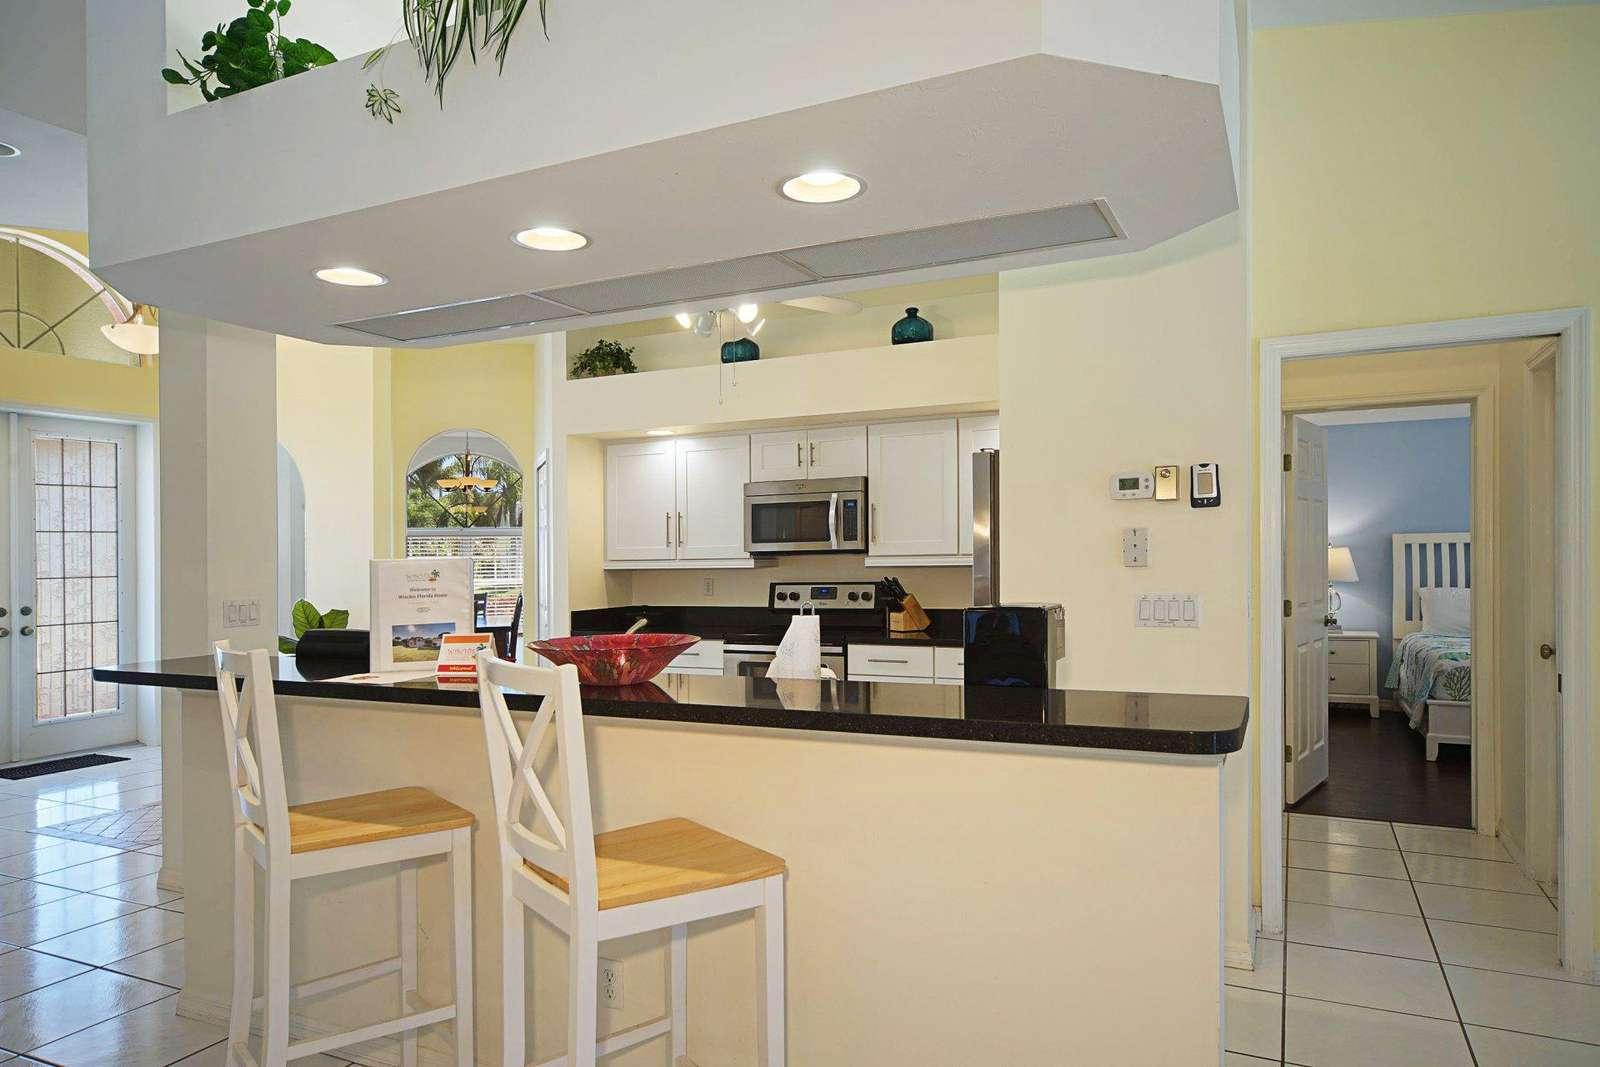 Wischis Florida Villa - Ferienhaus - Treasure Island - Hausverwaltung - Immobilien